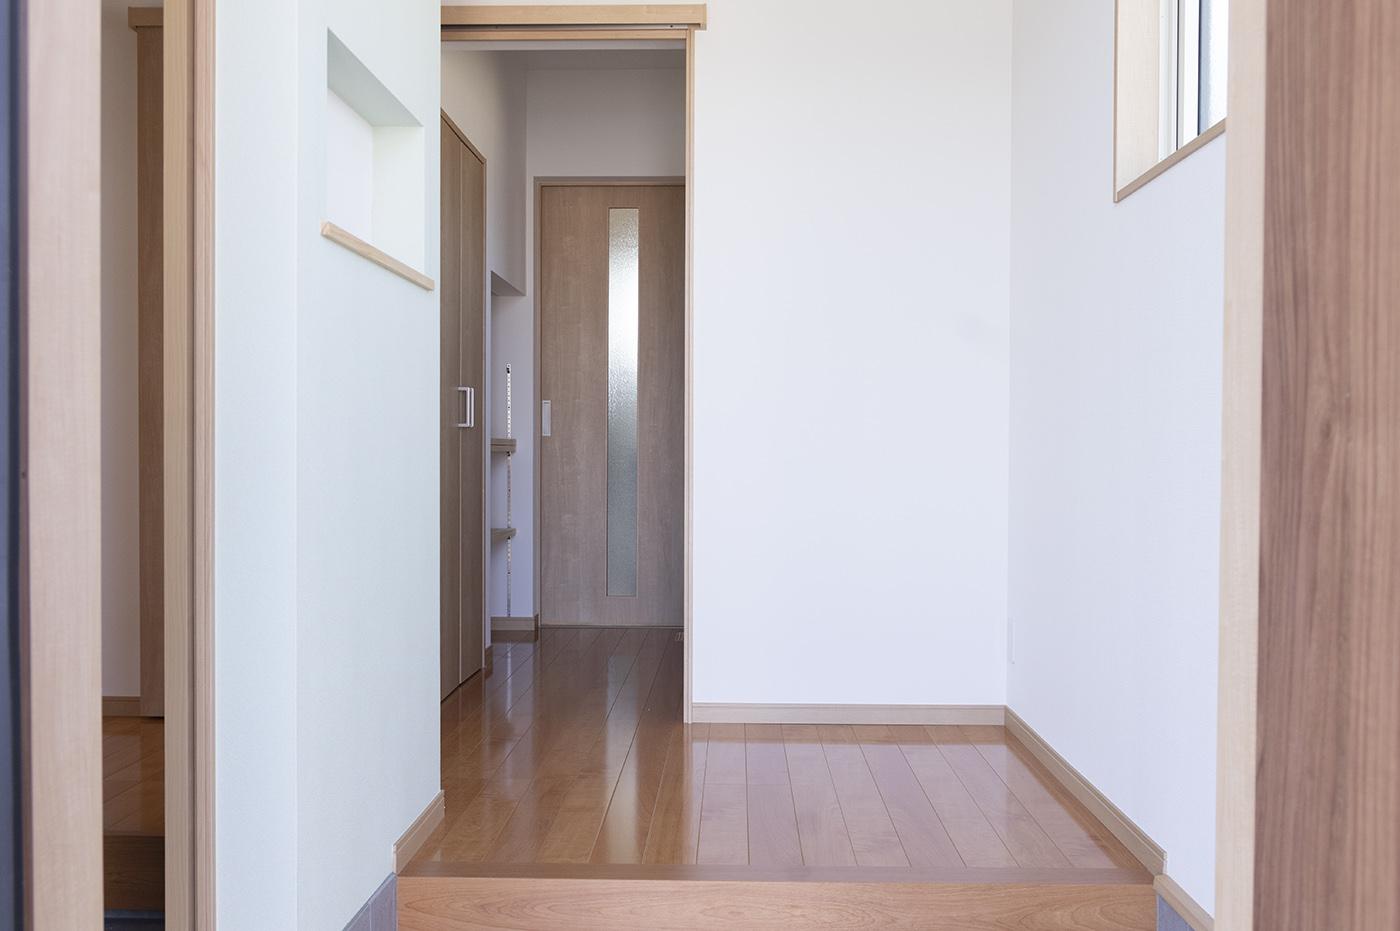 玄関から。奥の扉の向こうが脱衣場